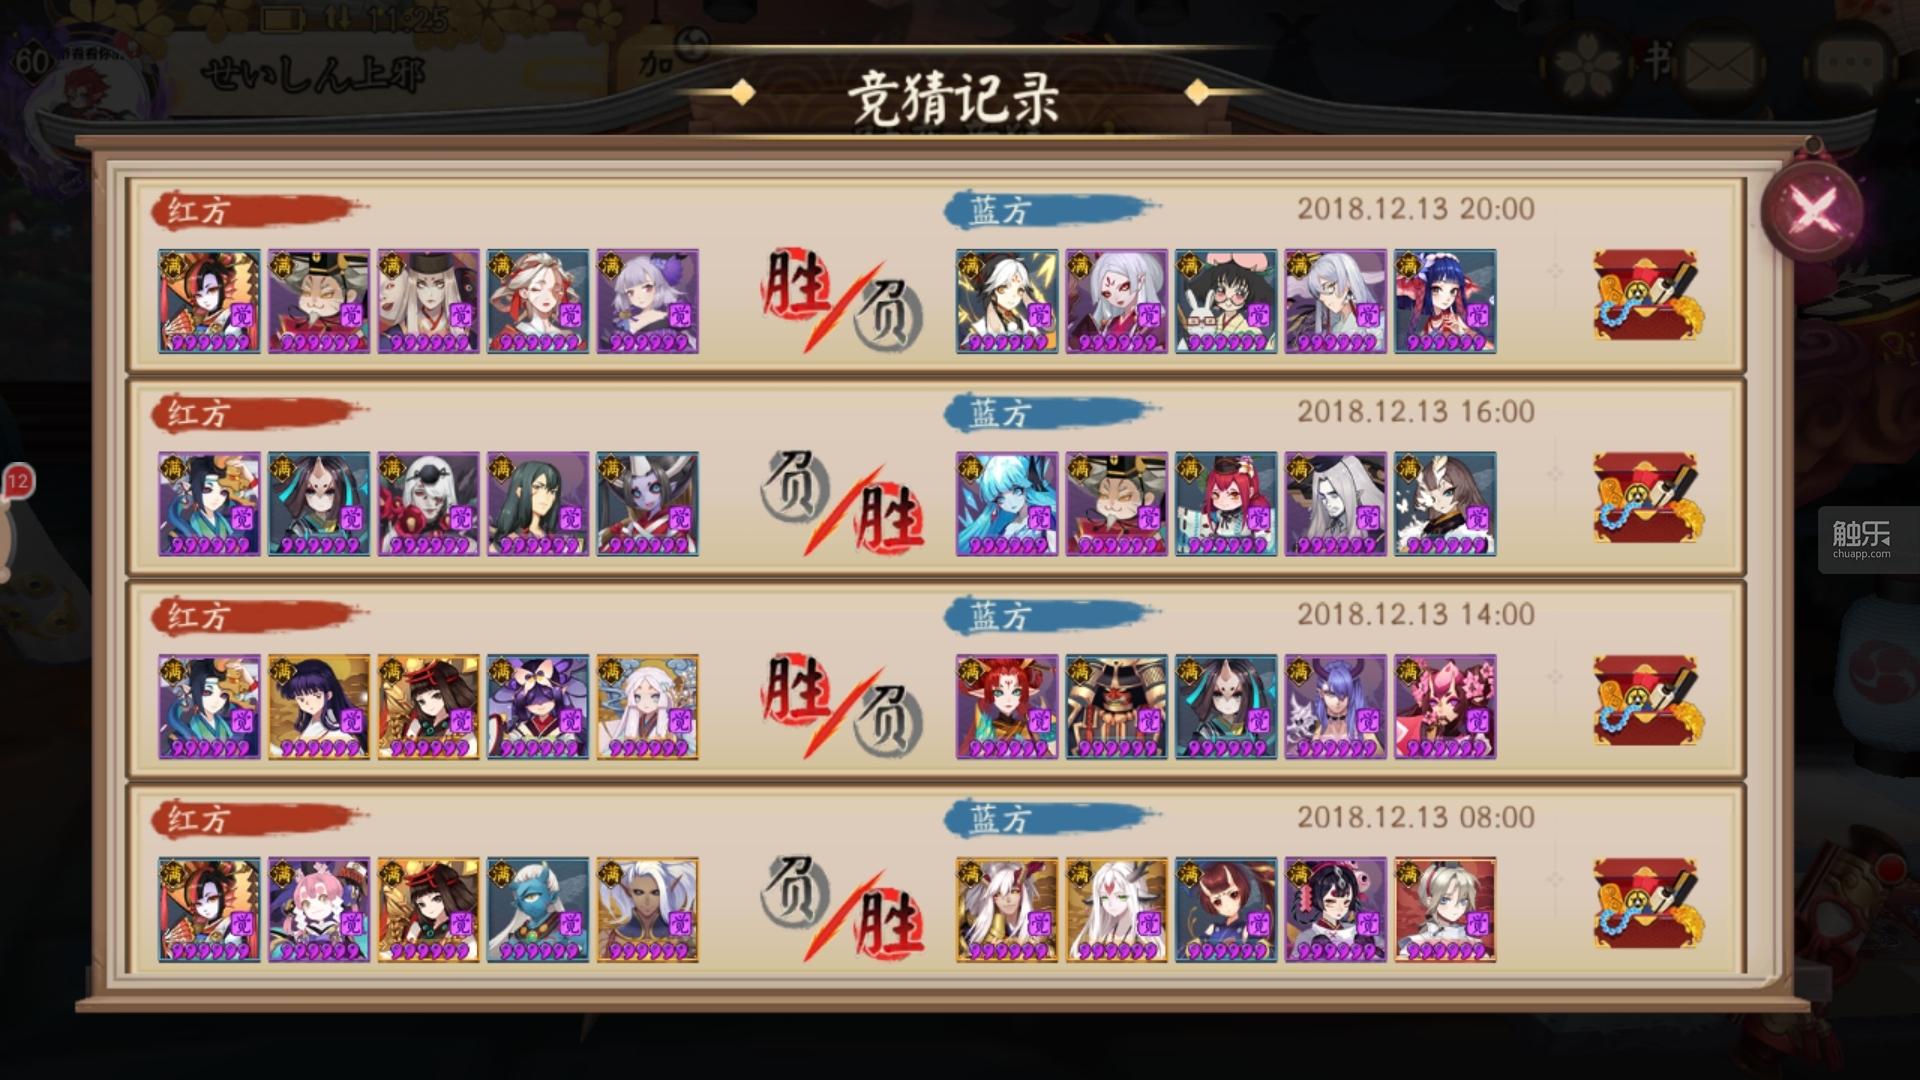 龙斗士骑士_当玩家成为IP建设者:关于《阴阳师》的3个故事-第2张图片-游戏摸鱼怪